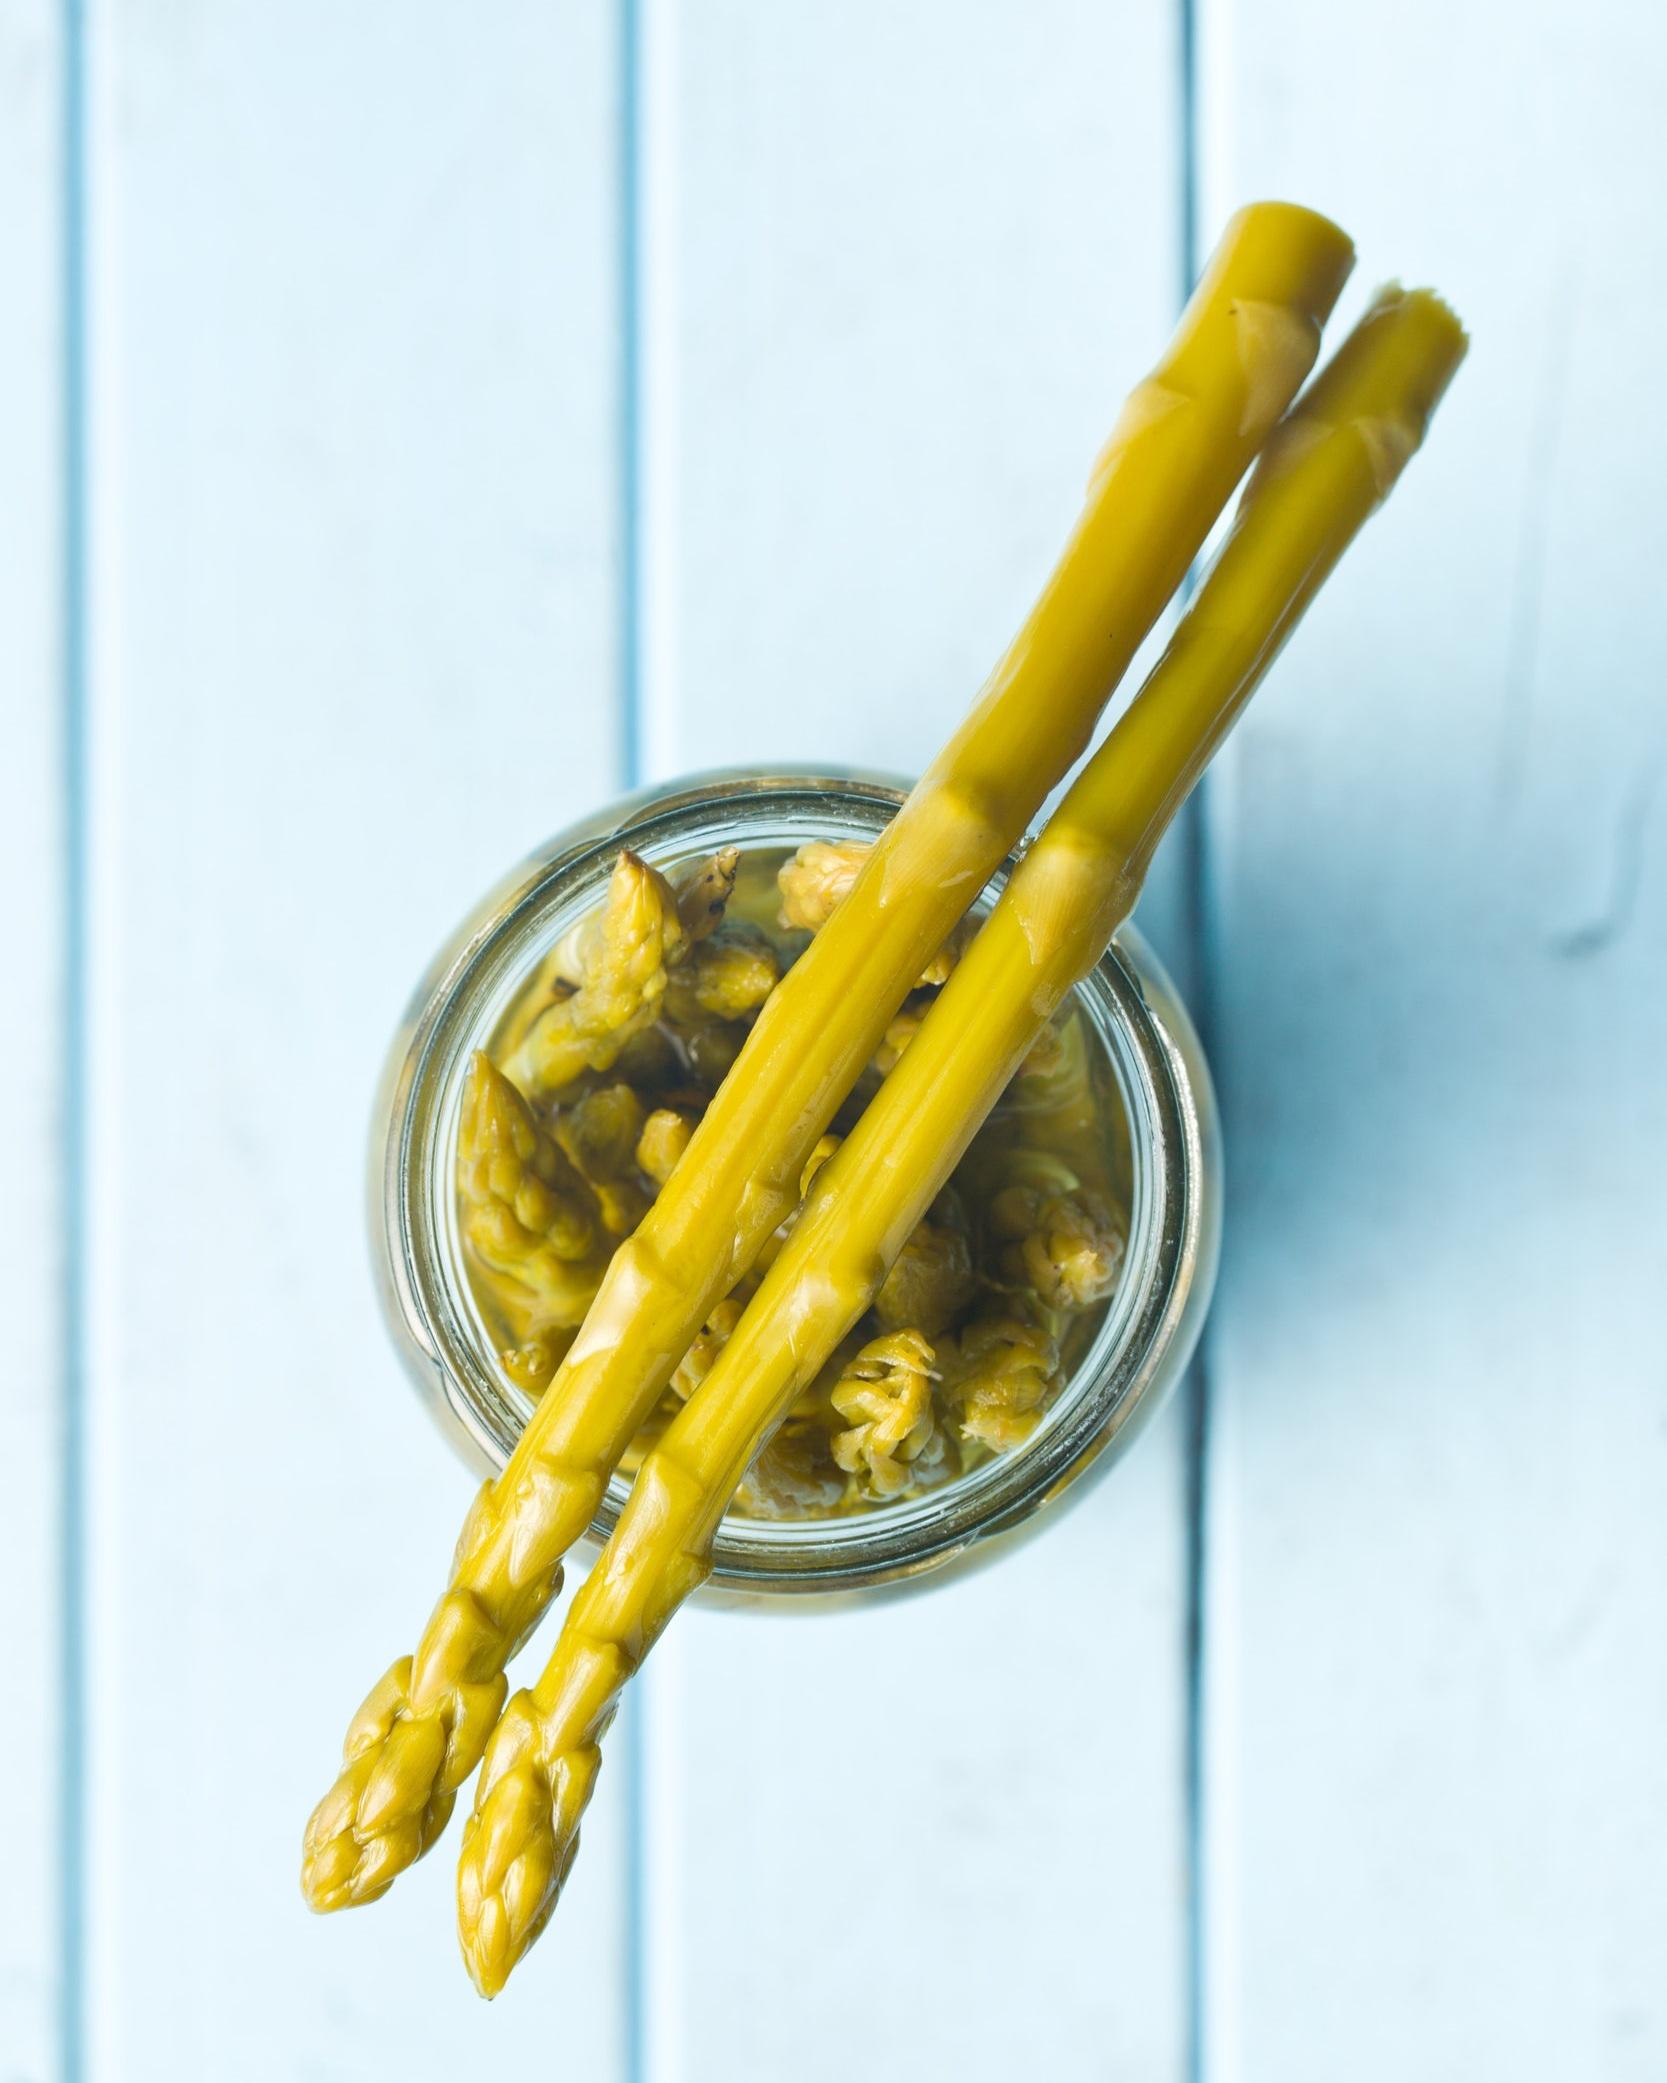 Lacto-fermentées - De la même façon que l'on concocte des cornichons fermentés avec des concombres, les asperges peuvent être mis en valeur dans une pot maçon. Avis aux amateurs de produits fermentés maison; la lacto-fermentation des asperges est un beau défi légèrement plus ardu que la fermentation de concombres ou de carottes. Le mot clef serait de jeter un coup d'œil et de tester les asperges en fermentation fréquemment. Asperges, oignon verts, sel, eau et sucre (que vous pouvez remplacer par deux tranches d'oranges) sont les seuls ingrédients requis! Allez, lancez-vous dans la fermentation! Vos asperges seront prêtes à déguster en deux à quatre jours et se conserveront au réfrigérateur pendant trois mois!